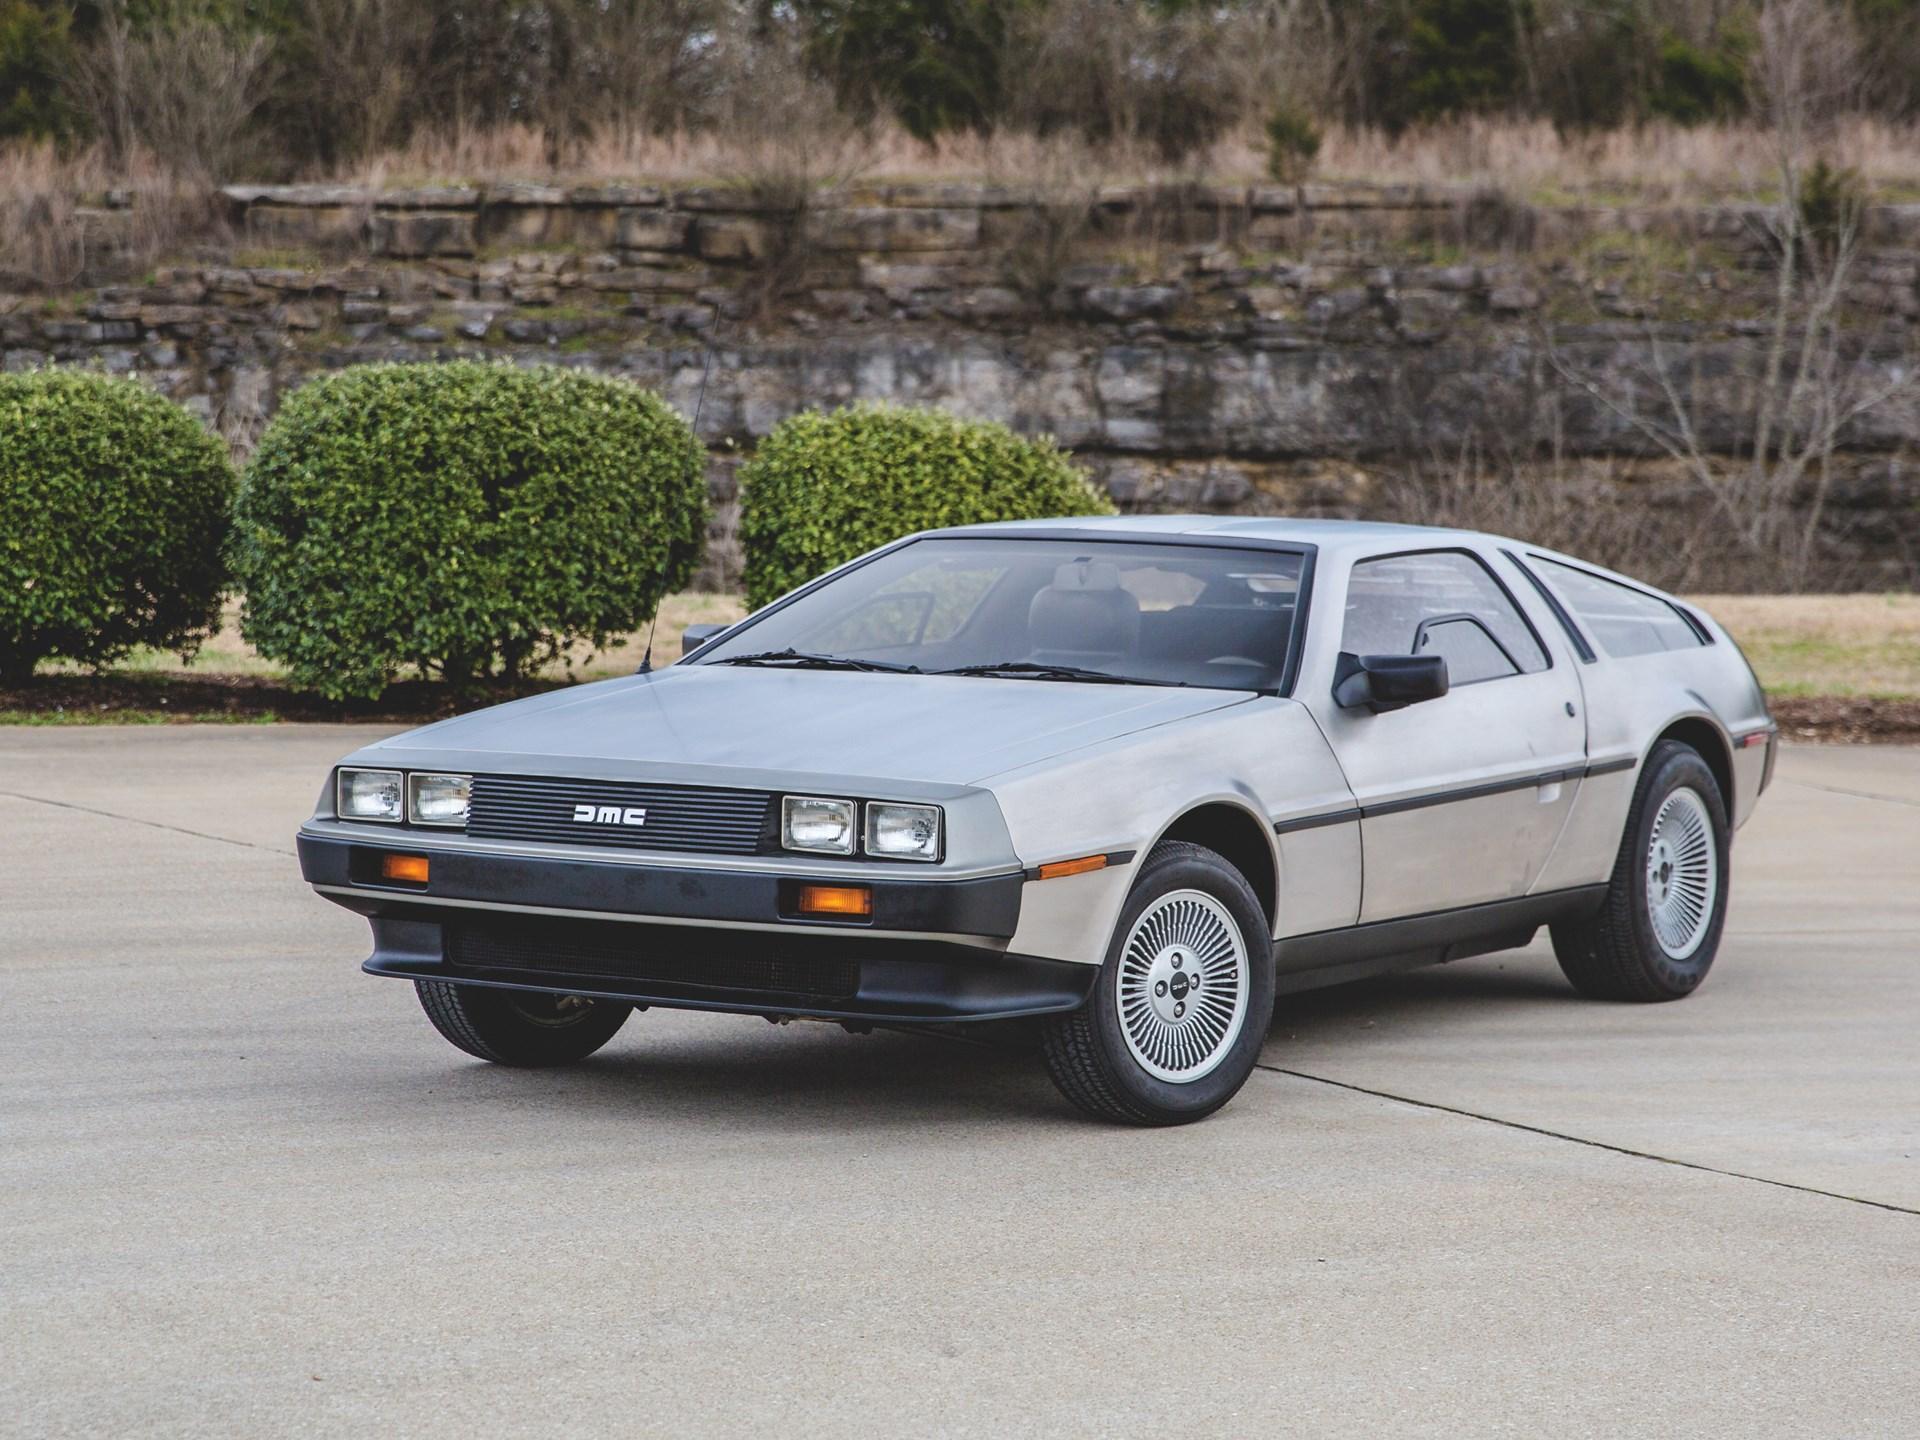 1981 DeLorean DMC-12 3/4 Front